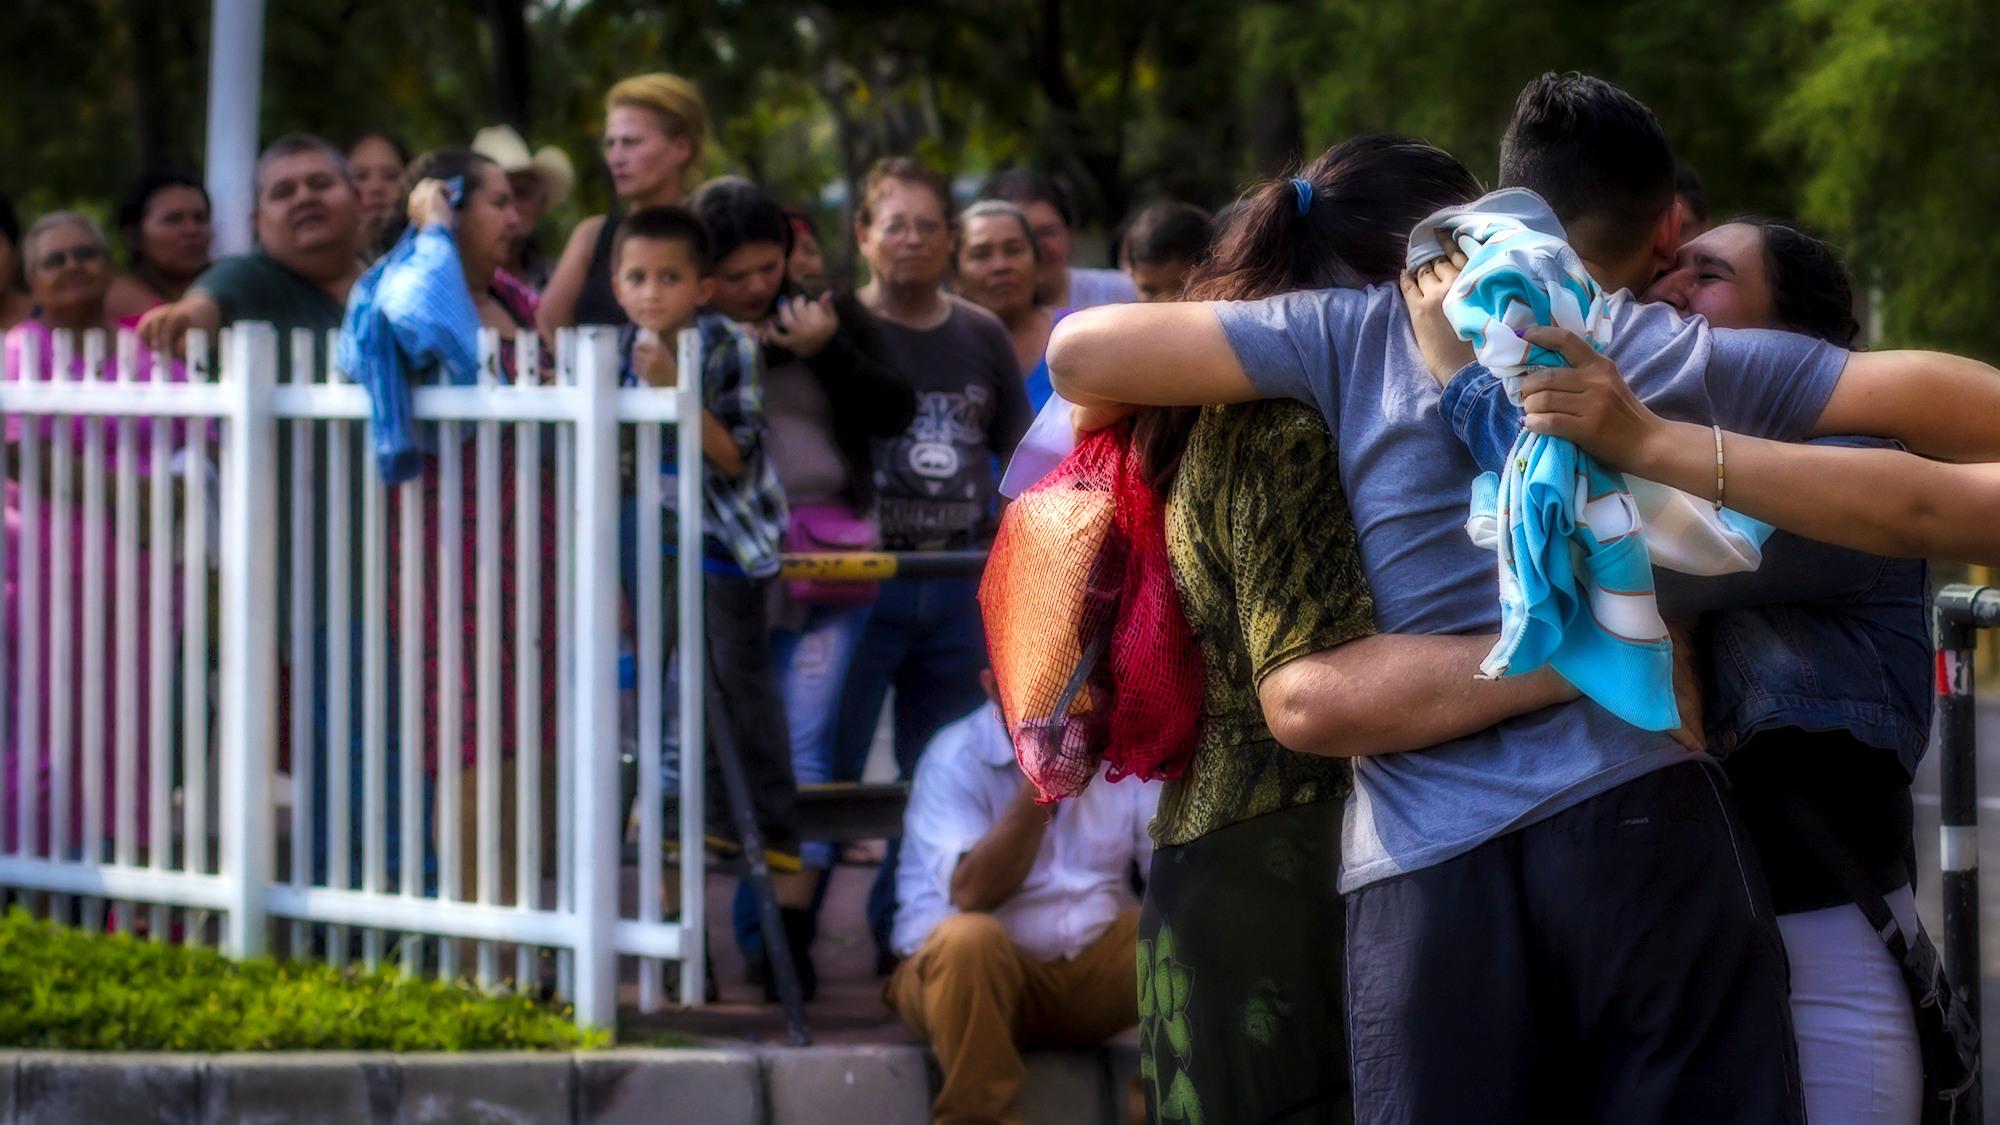 Las deportaciones de salvadoreños durante la gestión presidencial de Barack Obama fueron registradas en la Terminal Aerea de Comalapa, el 27 de enero de 2016. Ahora con la llegada de la administración de Donald Trump, puede que las deportaciones aumenten para los salvadoreños que viven ilegalmente en Estados Unidos. Foto FACTUM/Salvador MELENDEZ